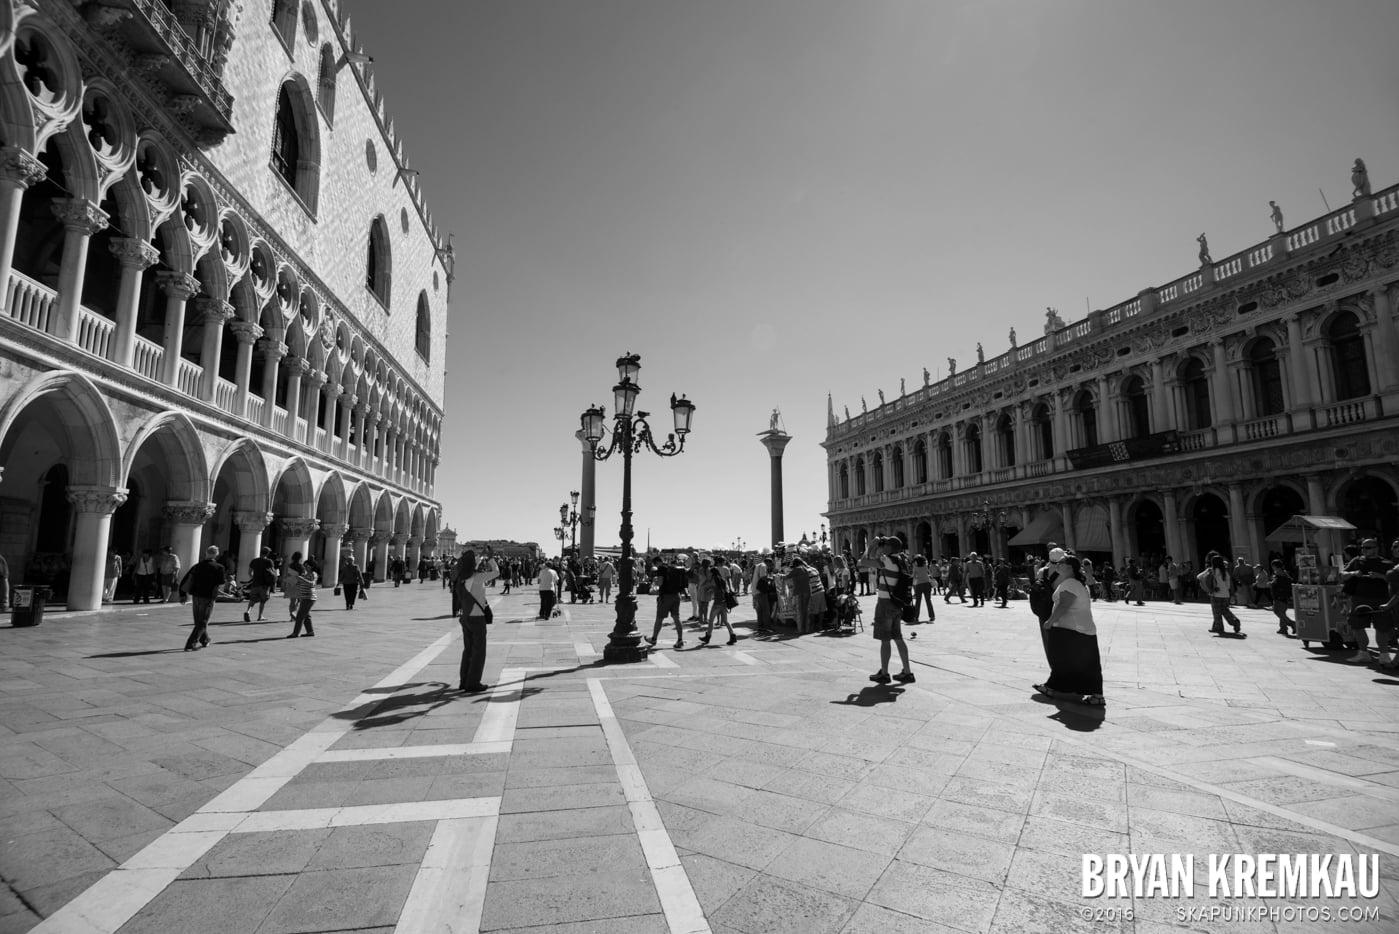 Italy Vacation - Day 4: Venice - 9.12.13 (88)